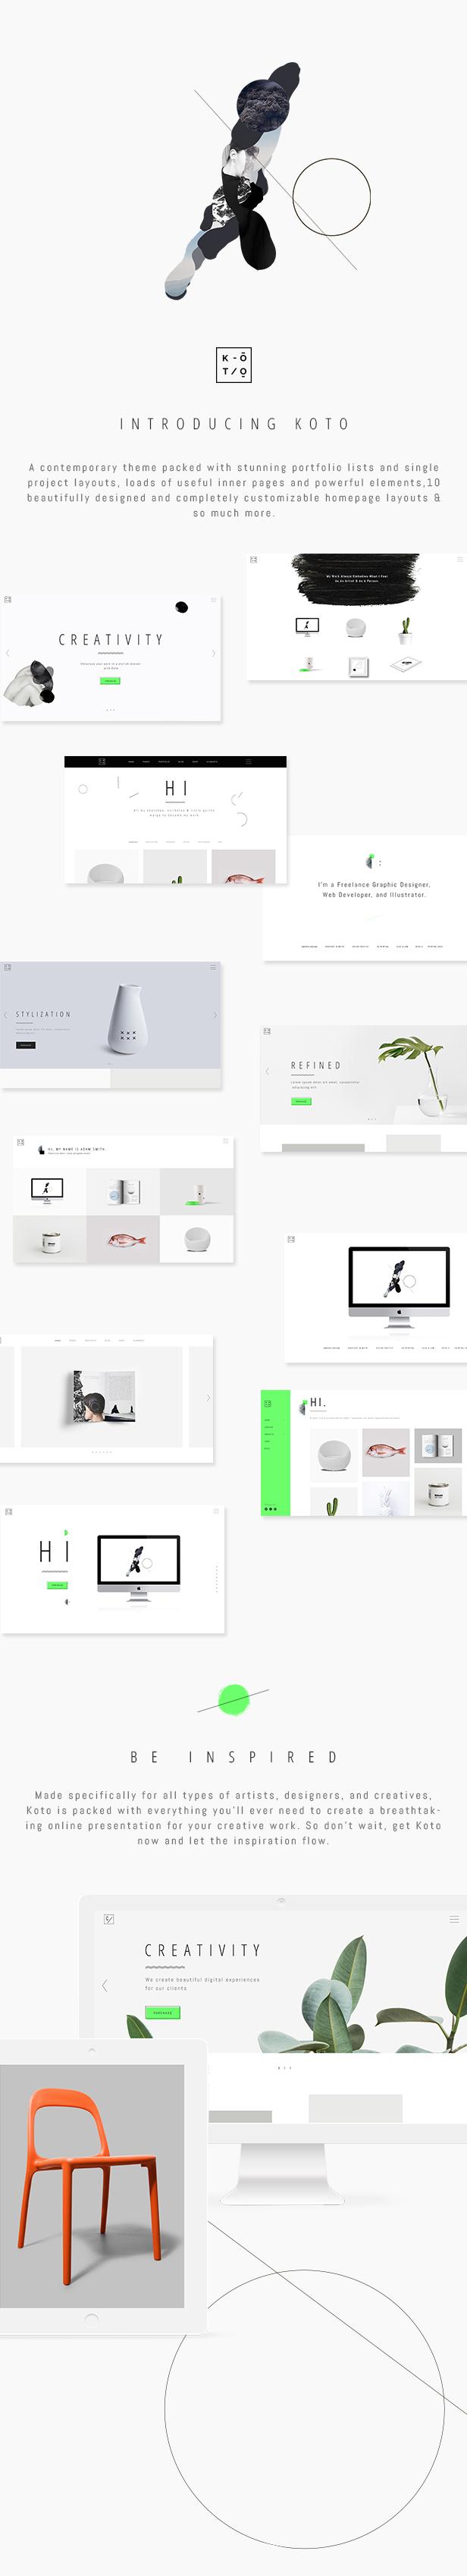 Koto - Tema de diseño y portafolio de artistas - 1